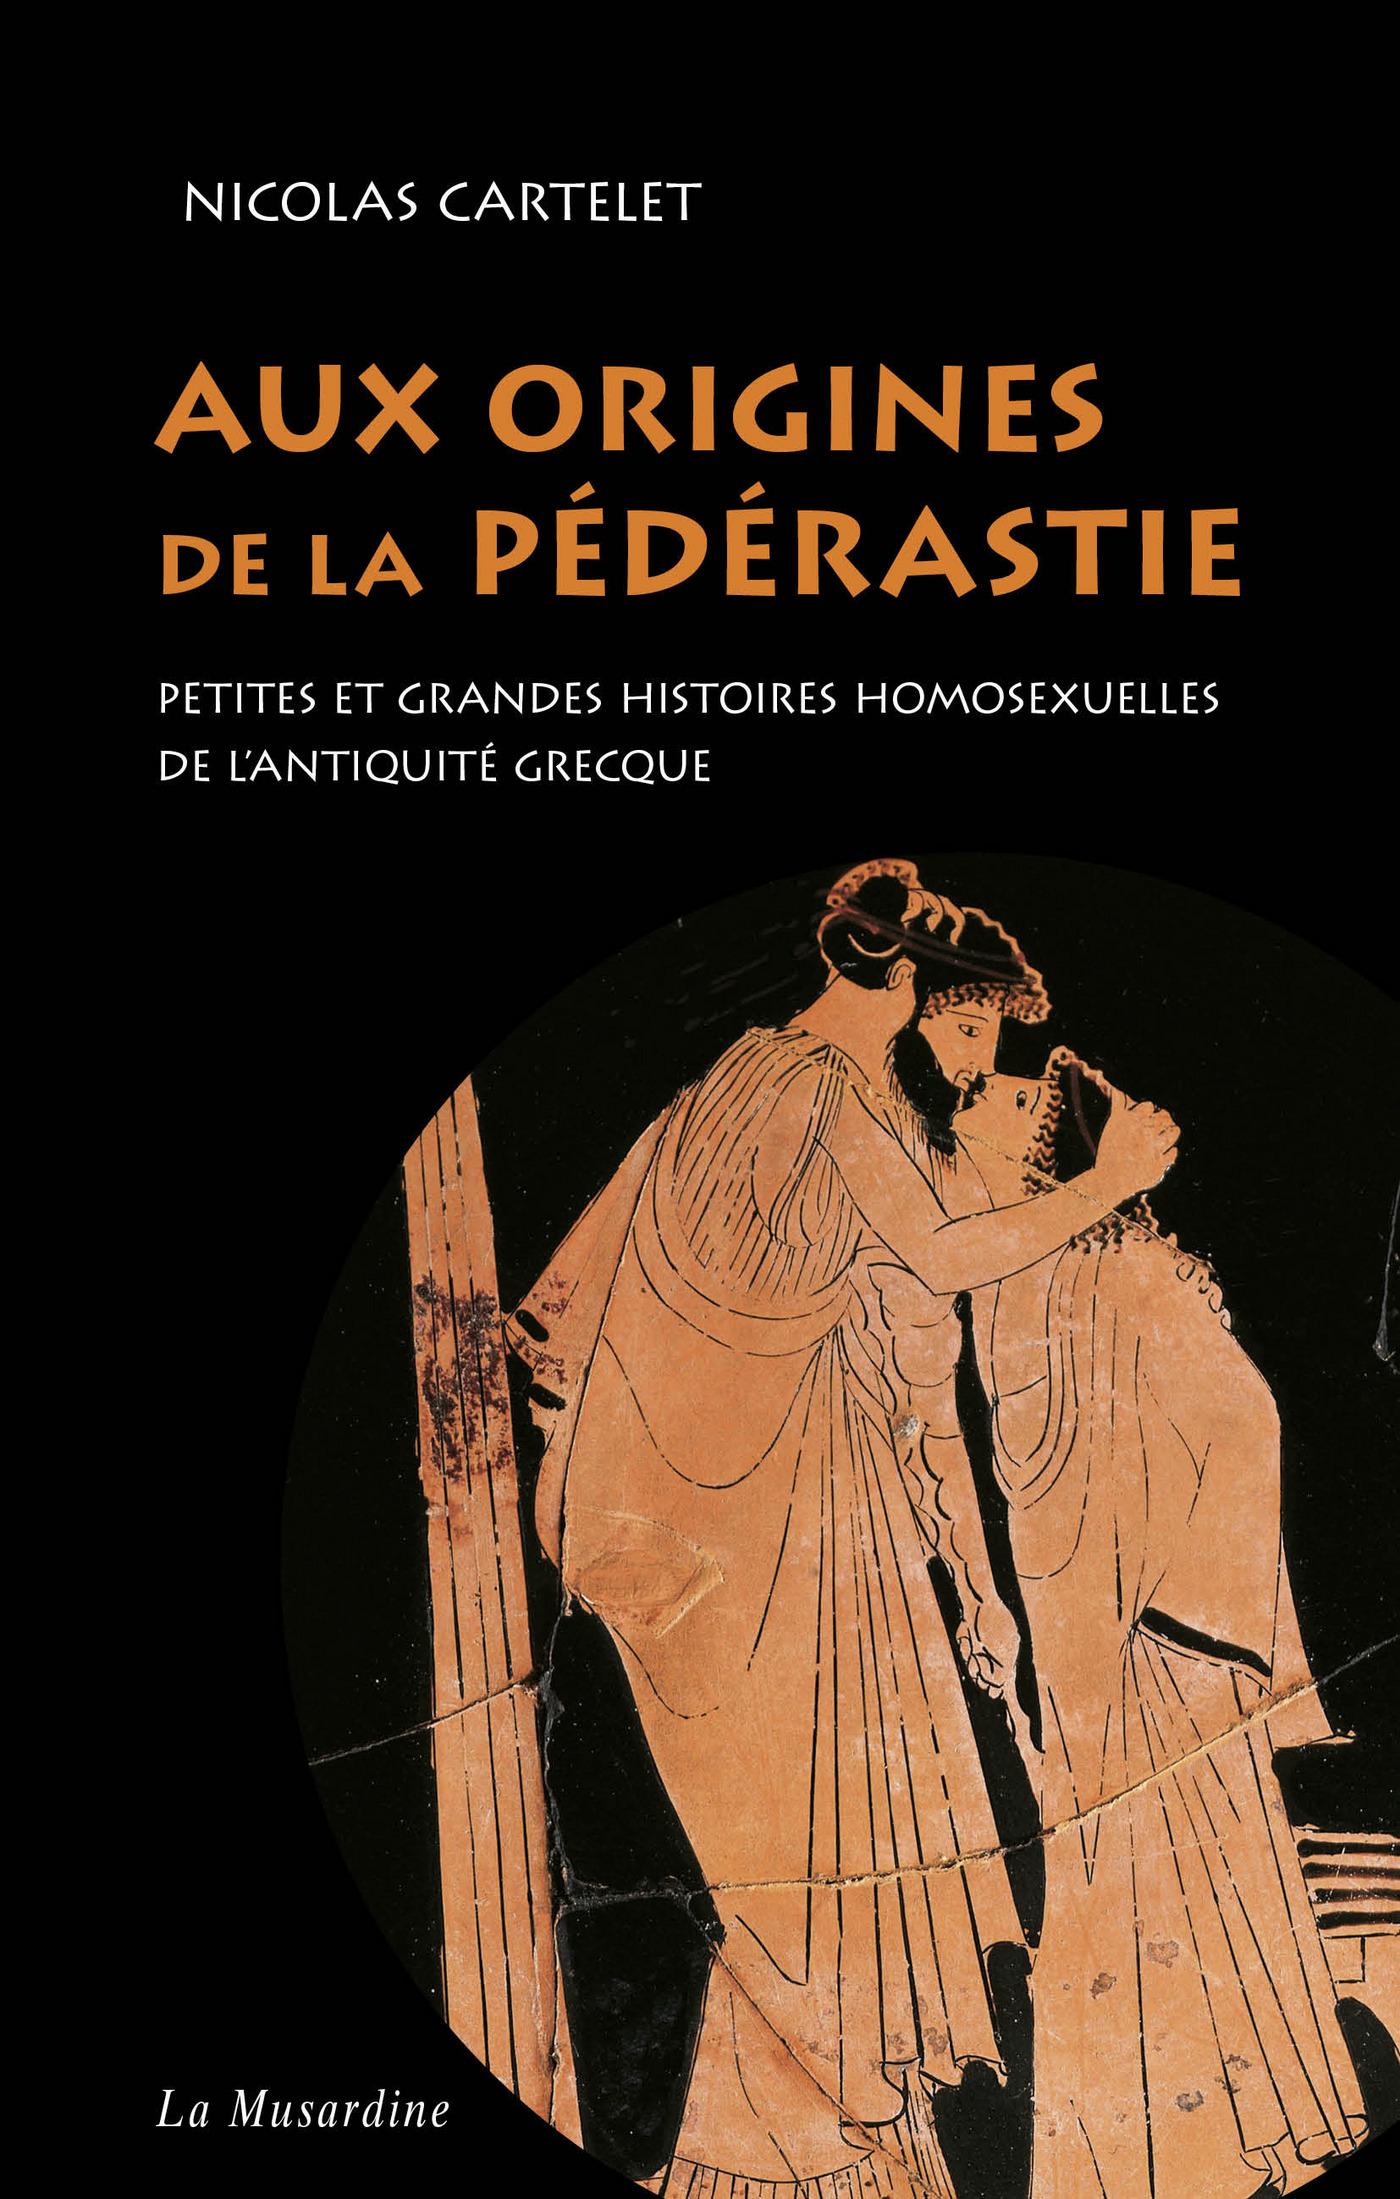 Aux origines de la pédérastie. Petites et grandes histoires homosexuelles de l'Antiquité grecque